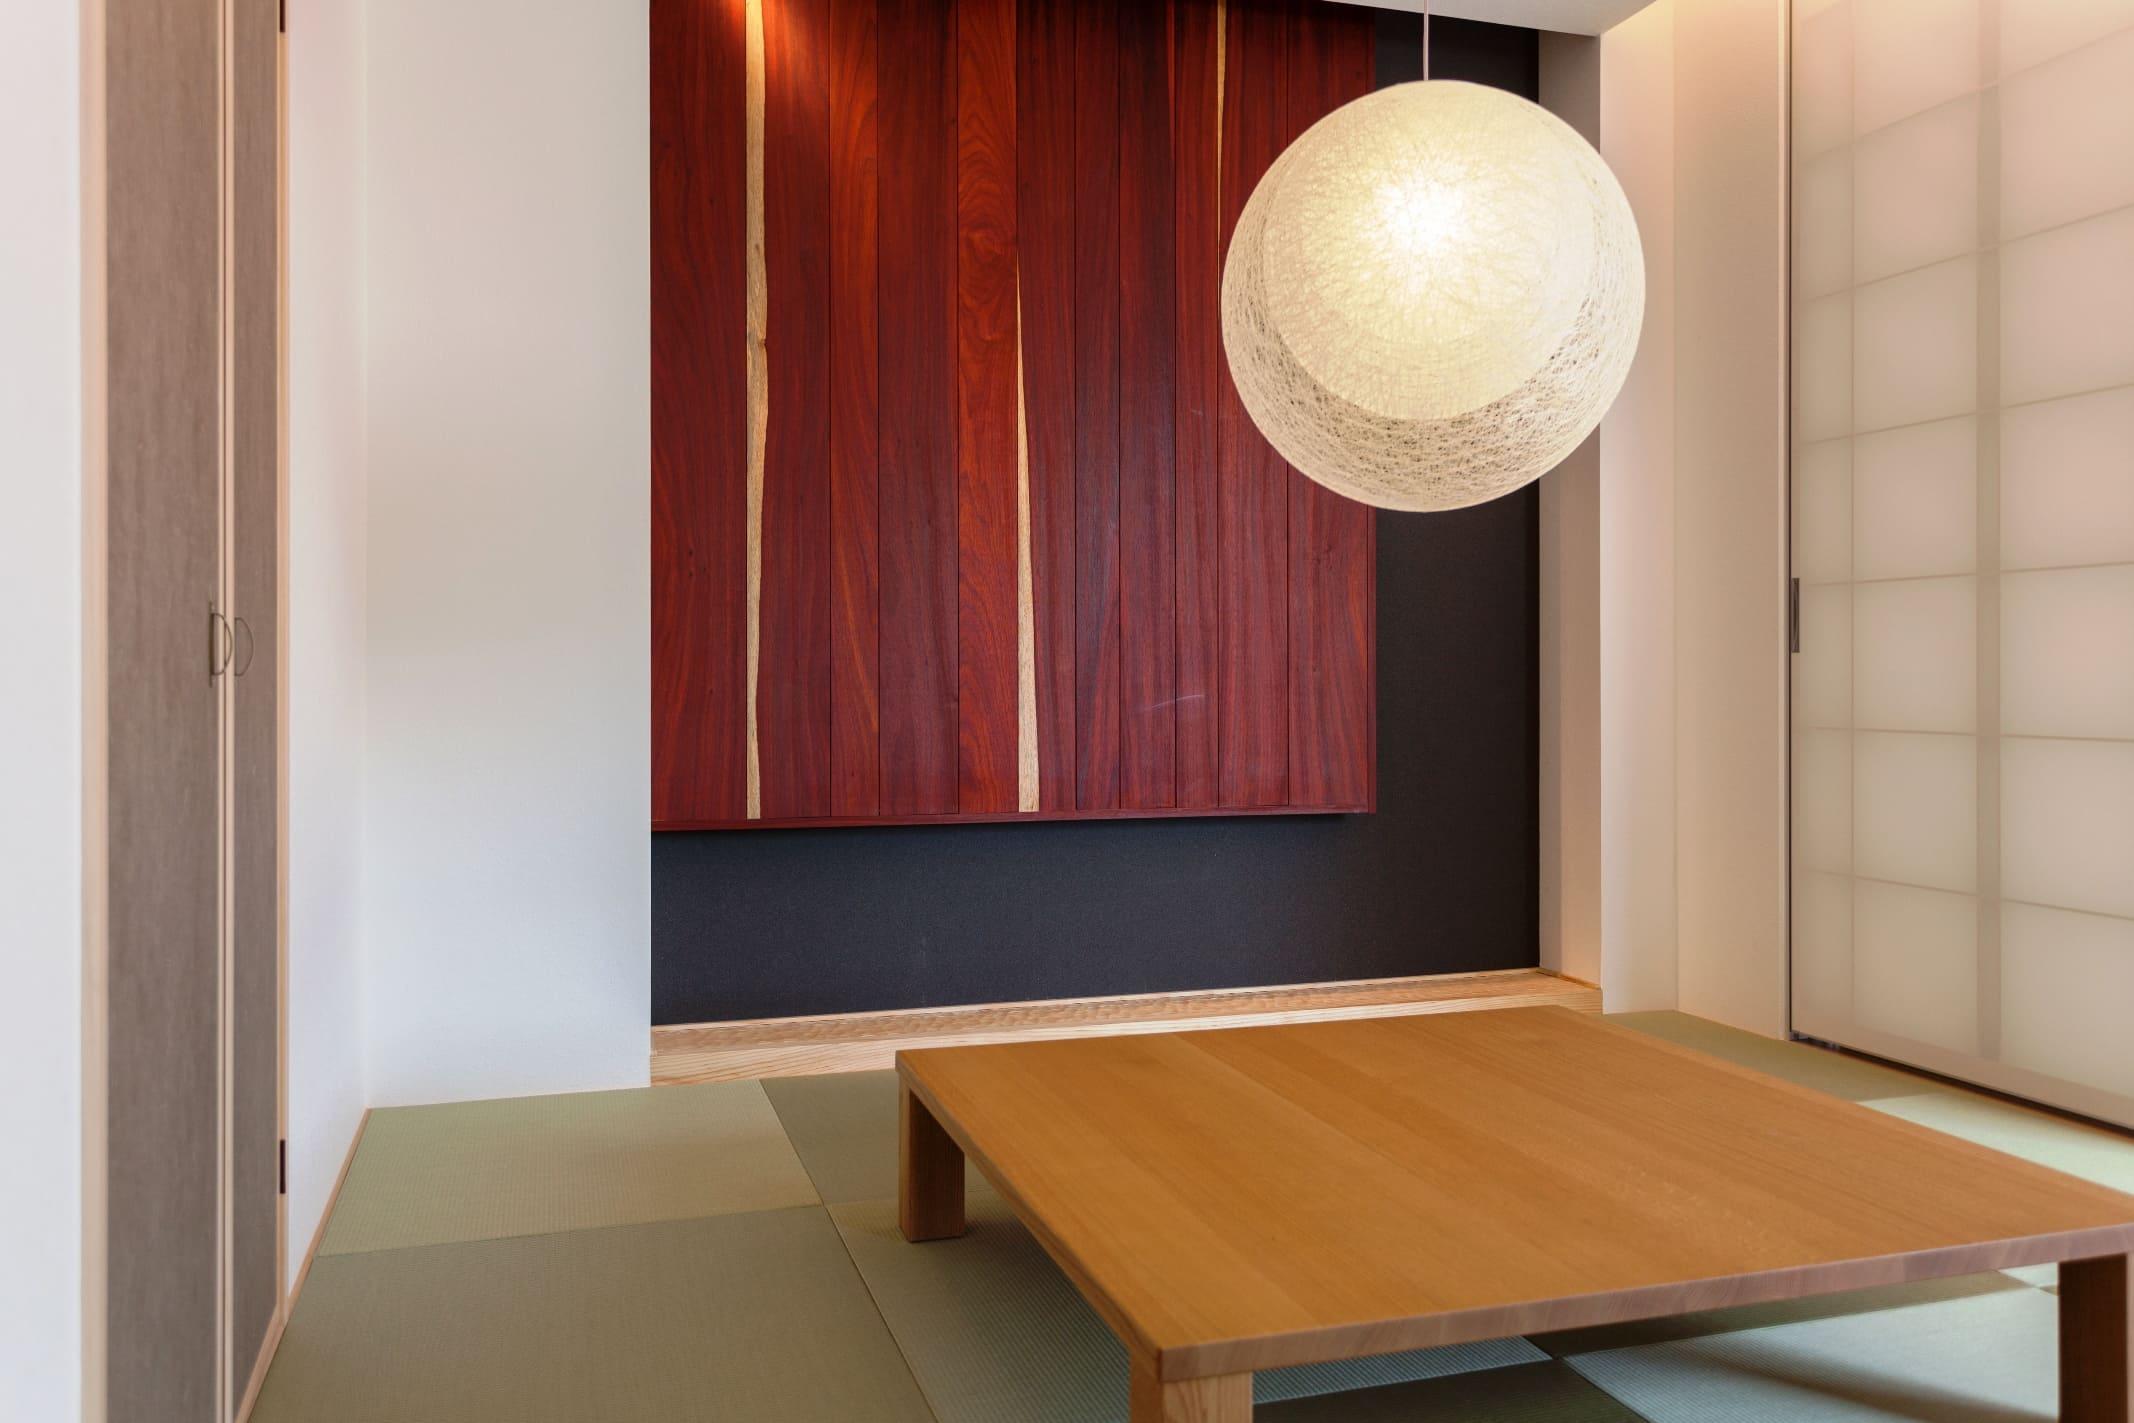 子どもの遊び場やお茶の間としても、引戸を閉めて客間としても使うことのできる和室。